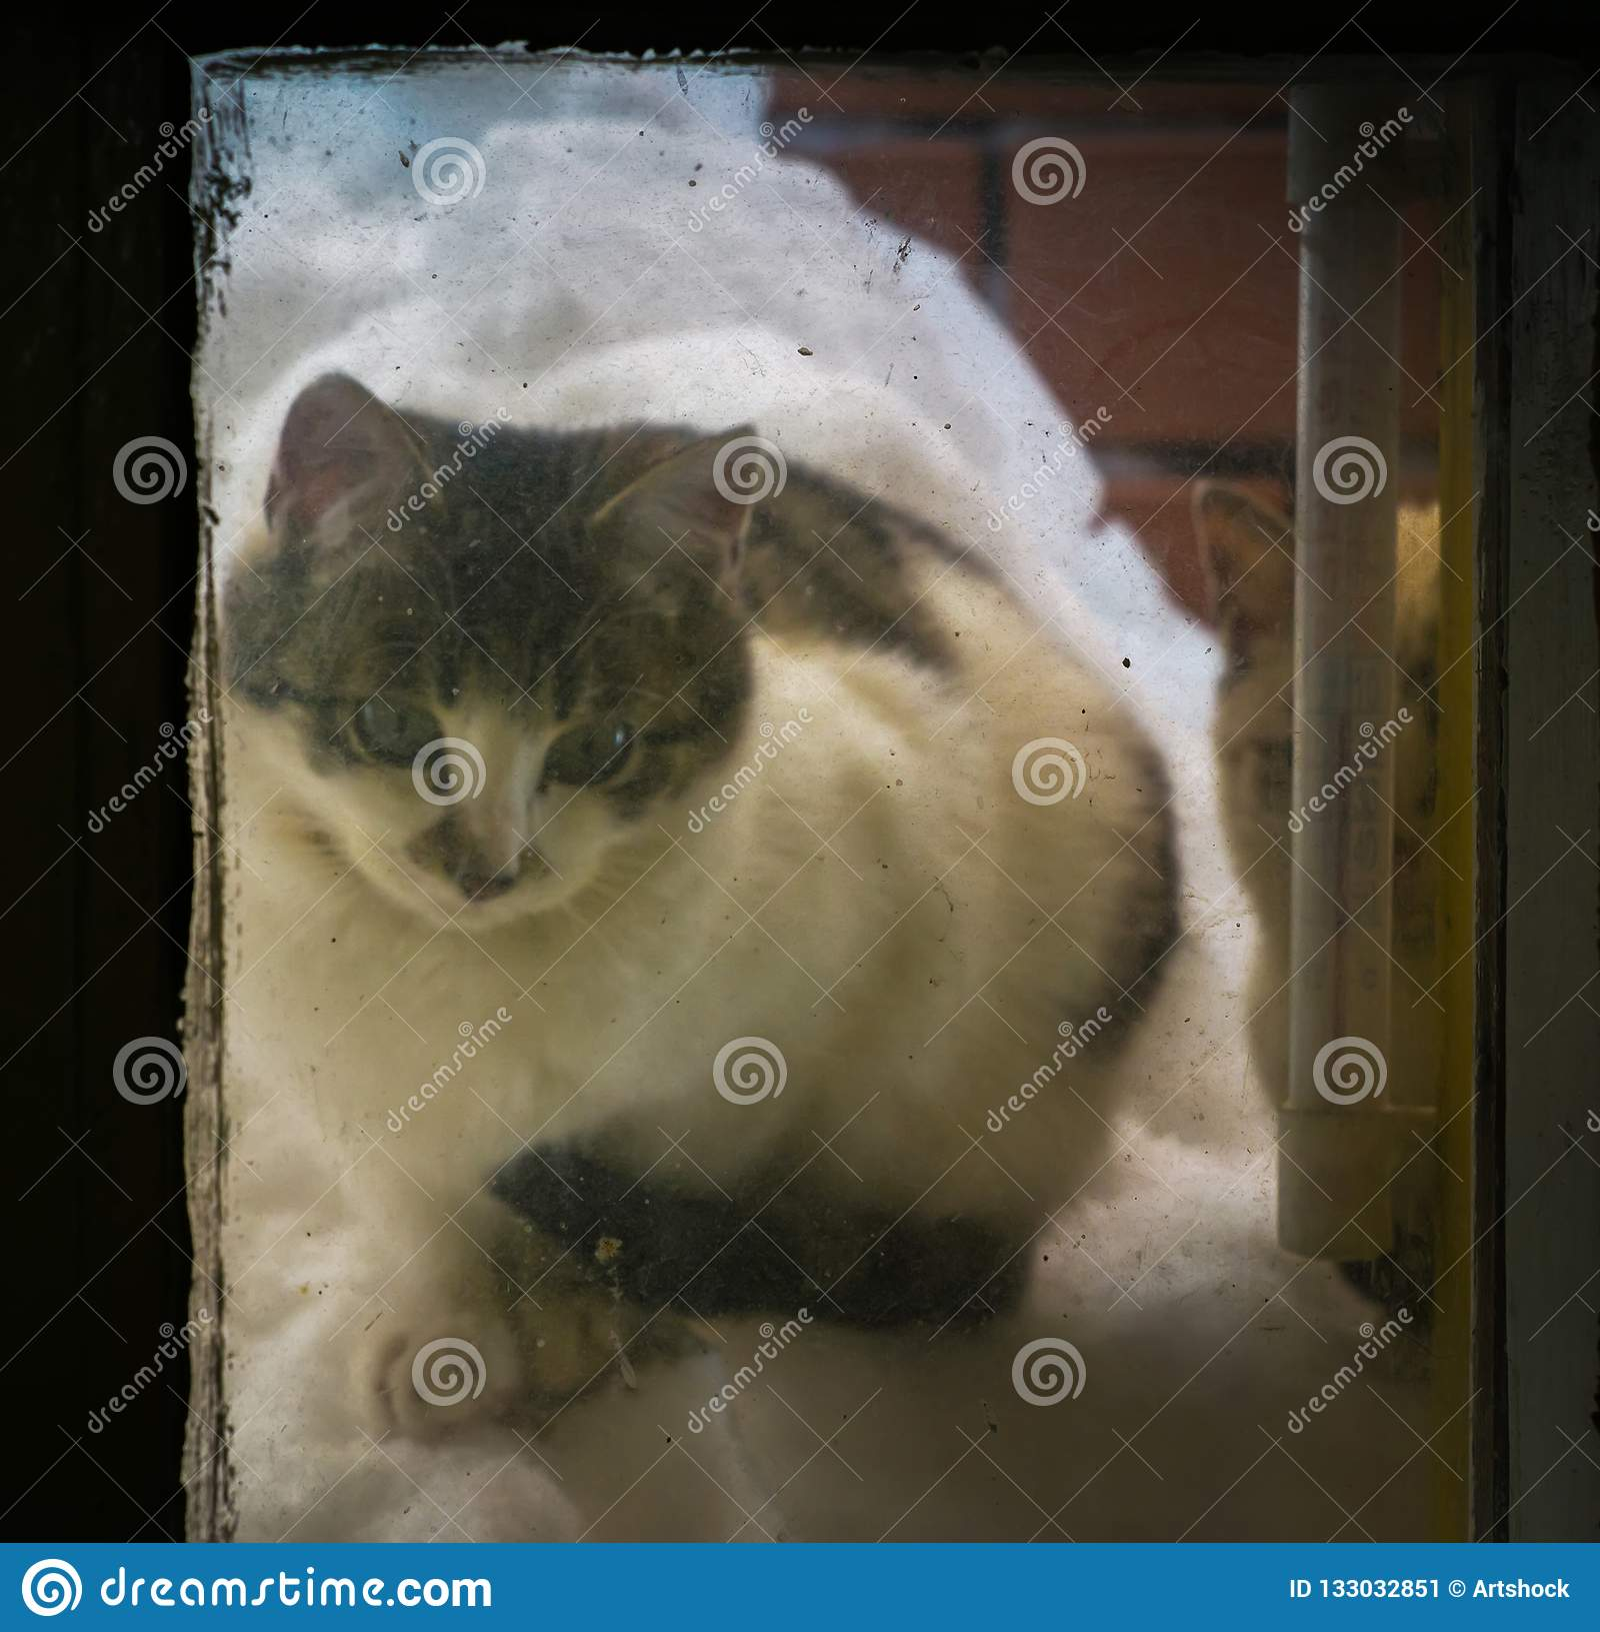 Kitten on snow pile at the window